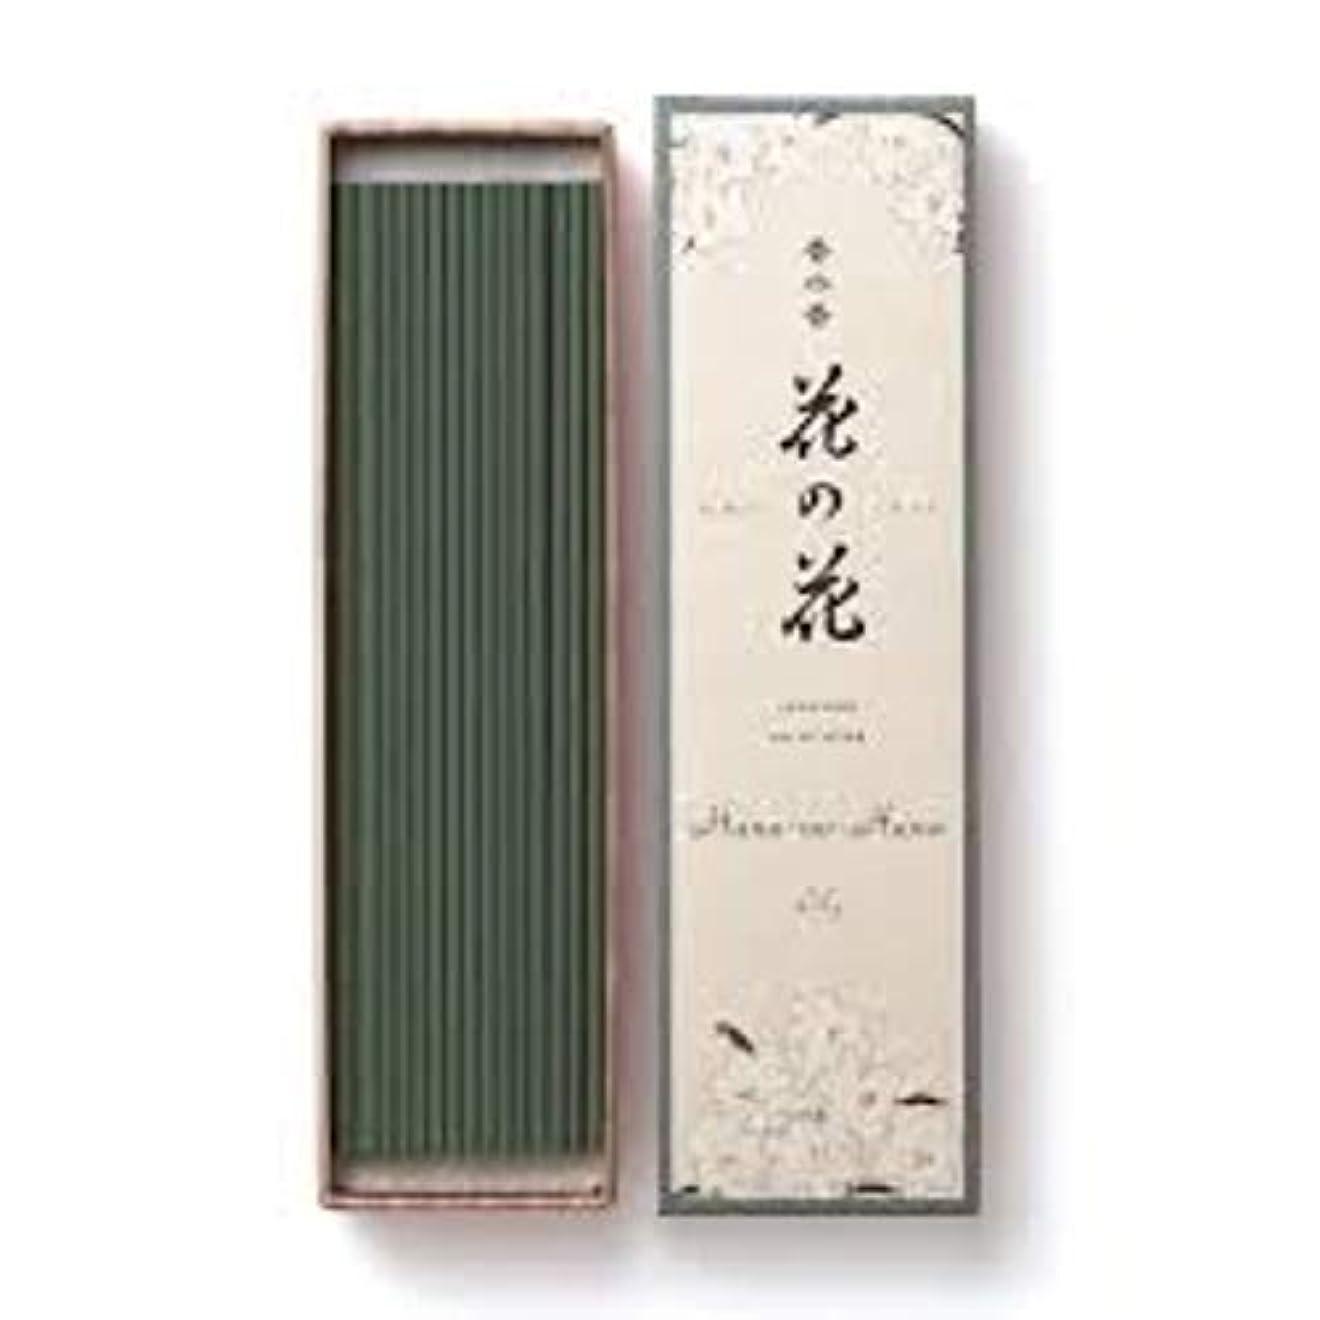 参加するラリーひねりお香 香水香花の花 ゆり 長寸40本入(30006)